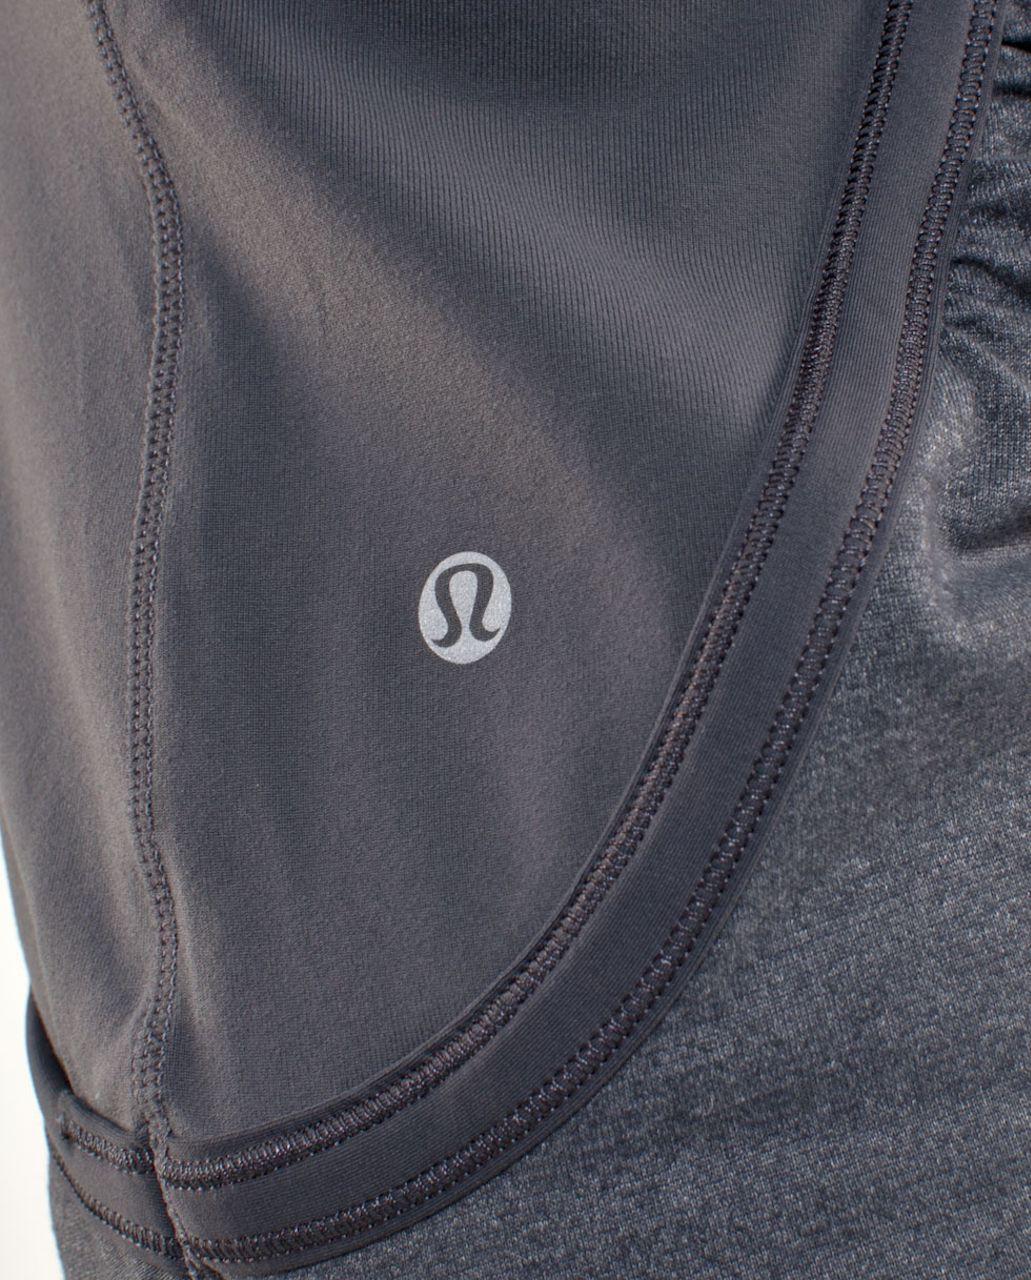 Lululemon Pure Balance Jacket - Coal